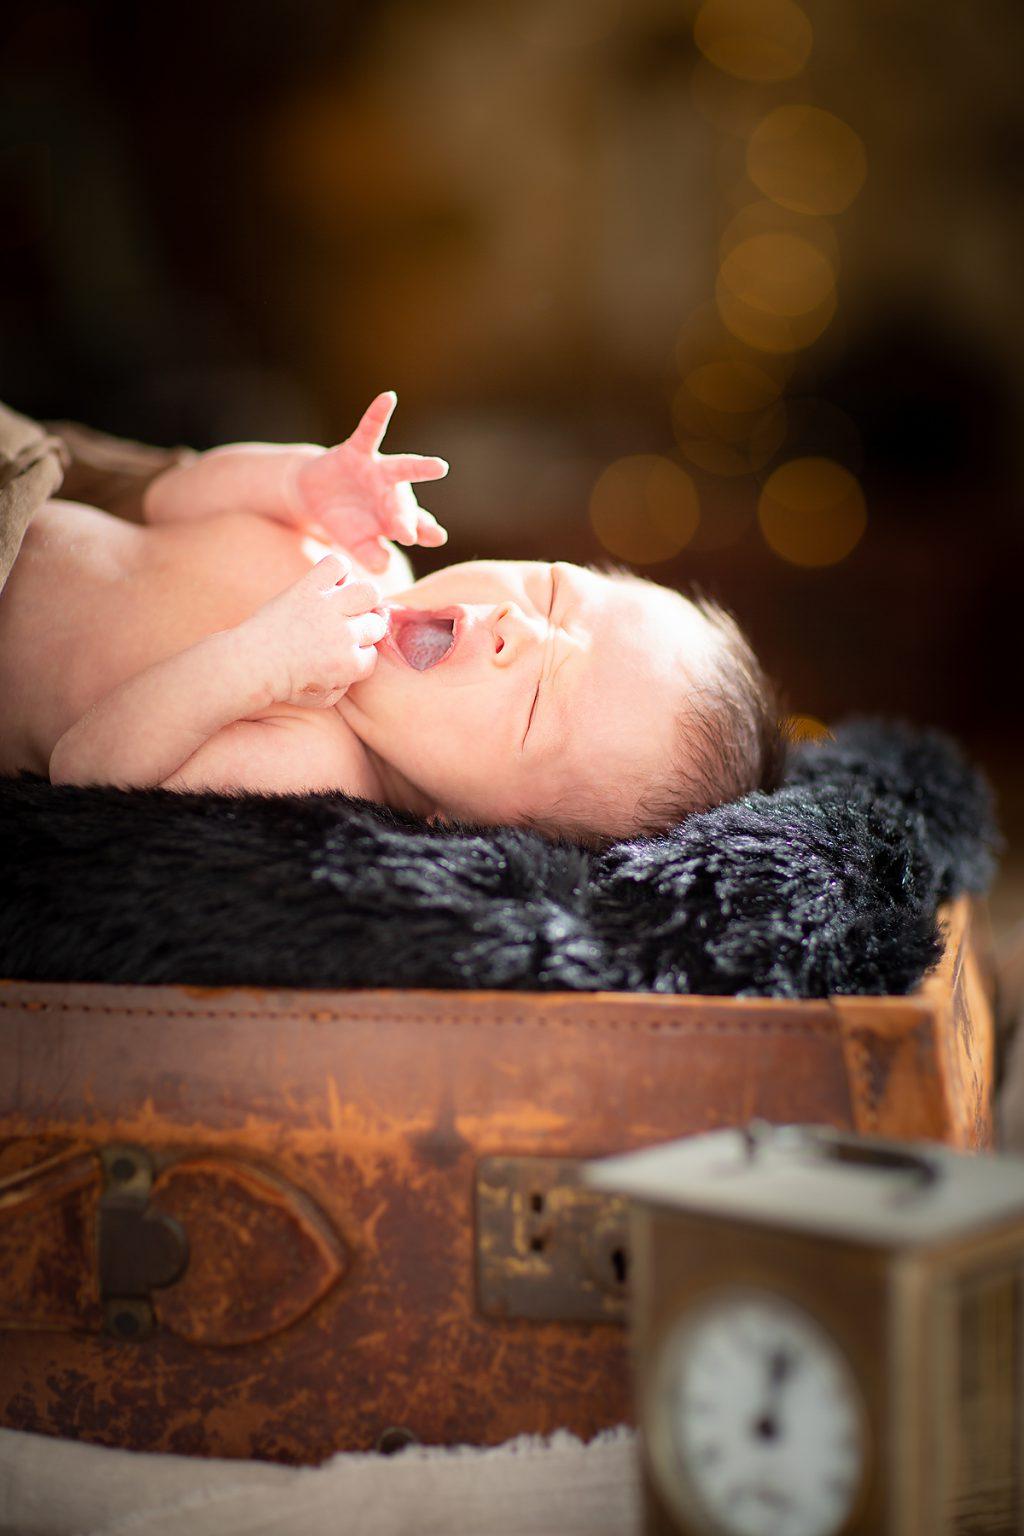 ニューボーンフォト,赤ちゃん,新生児